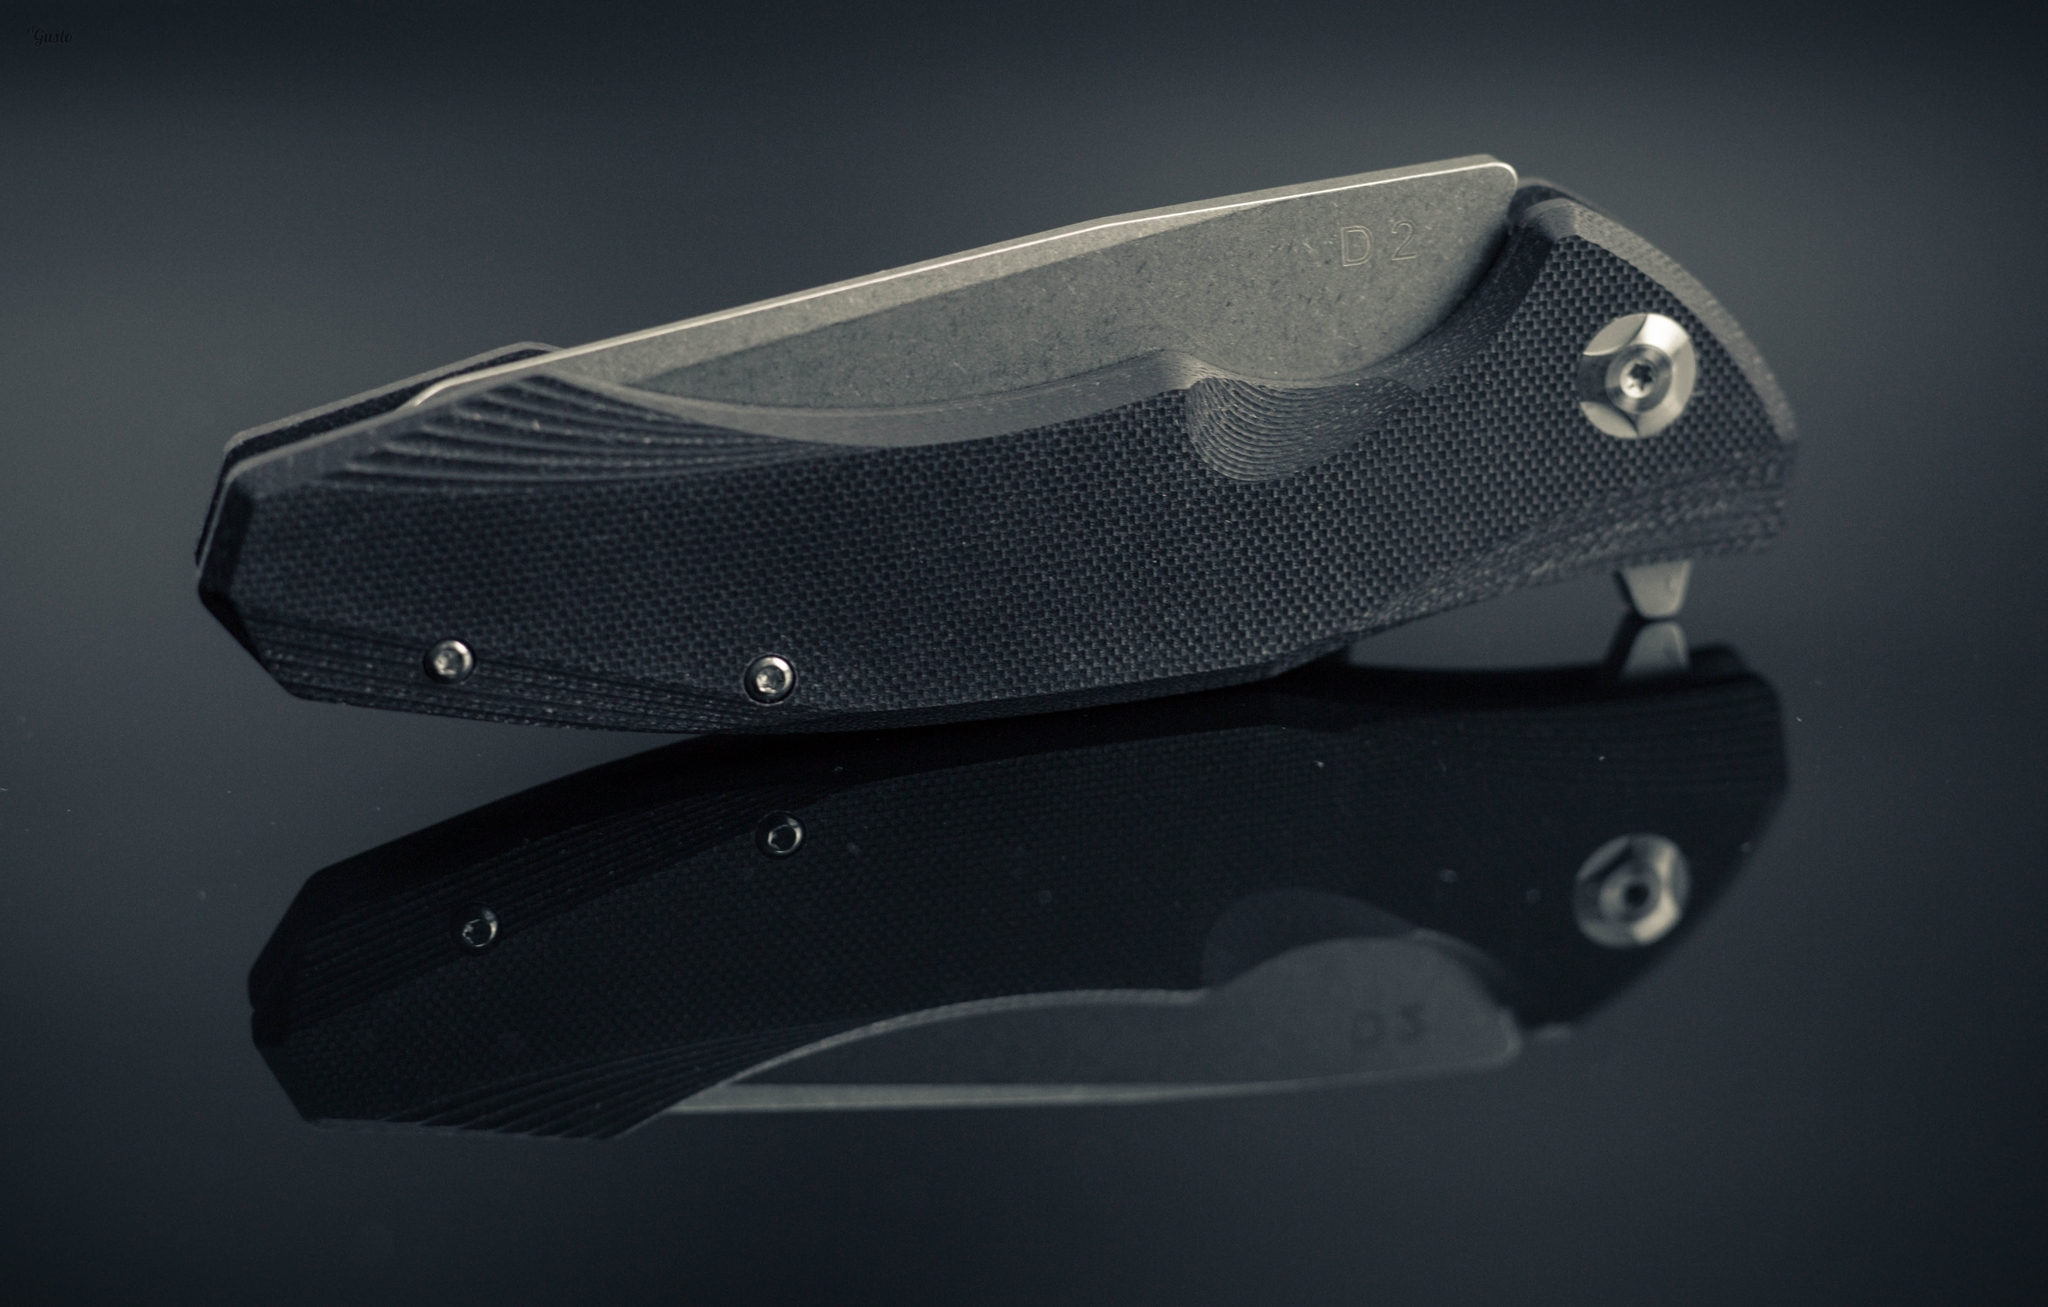 Фото 4 - Складной нож Junior Black, сталь D2